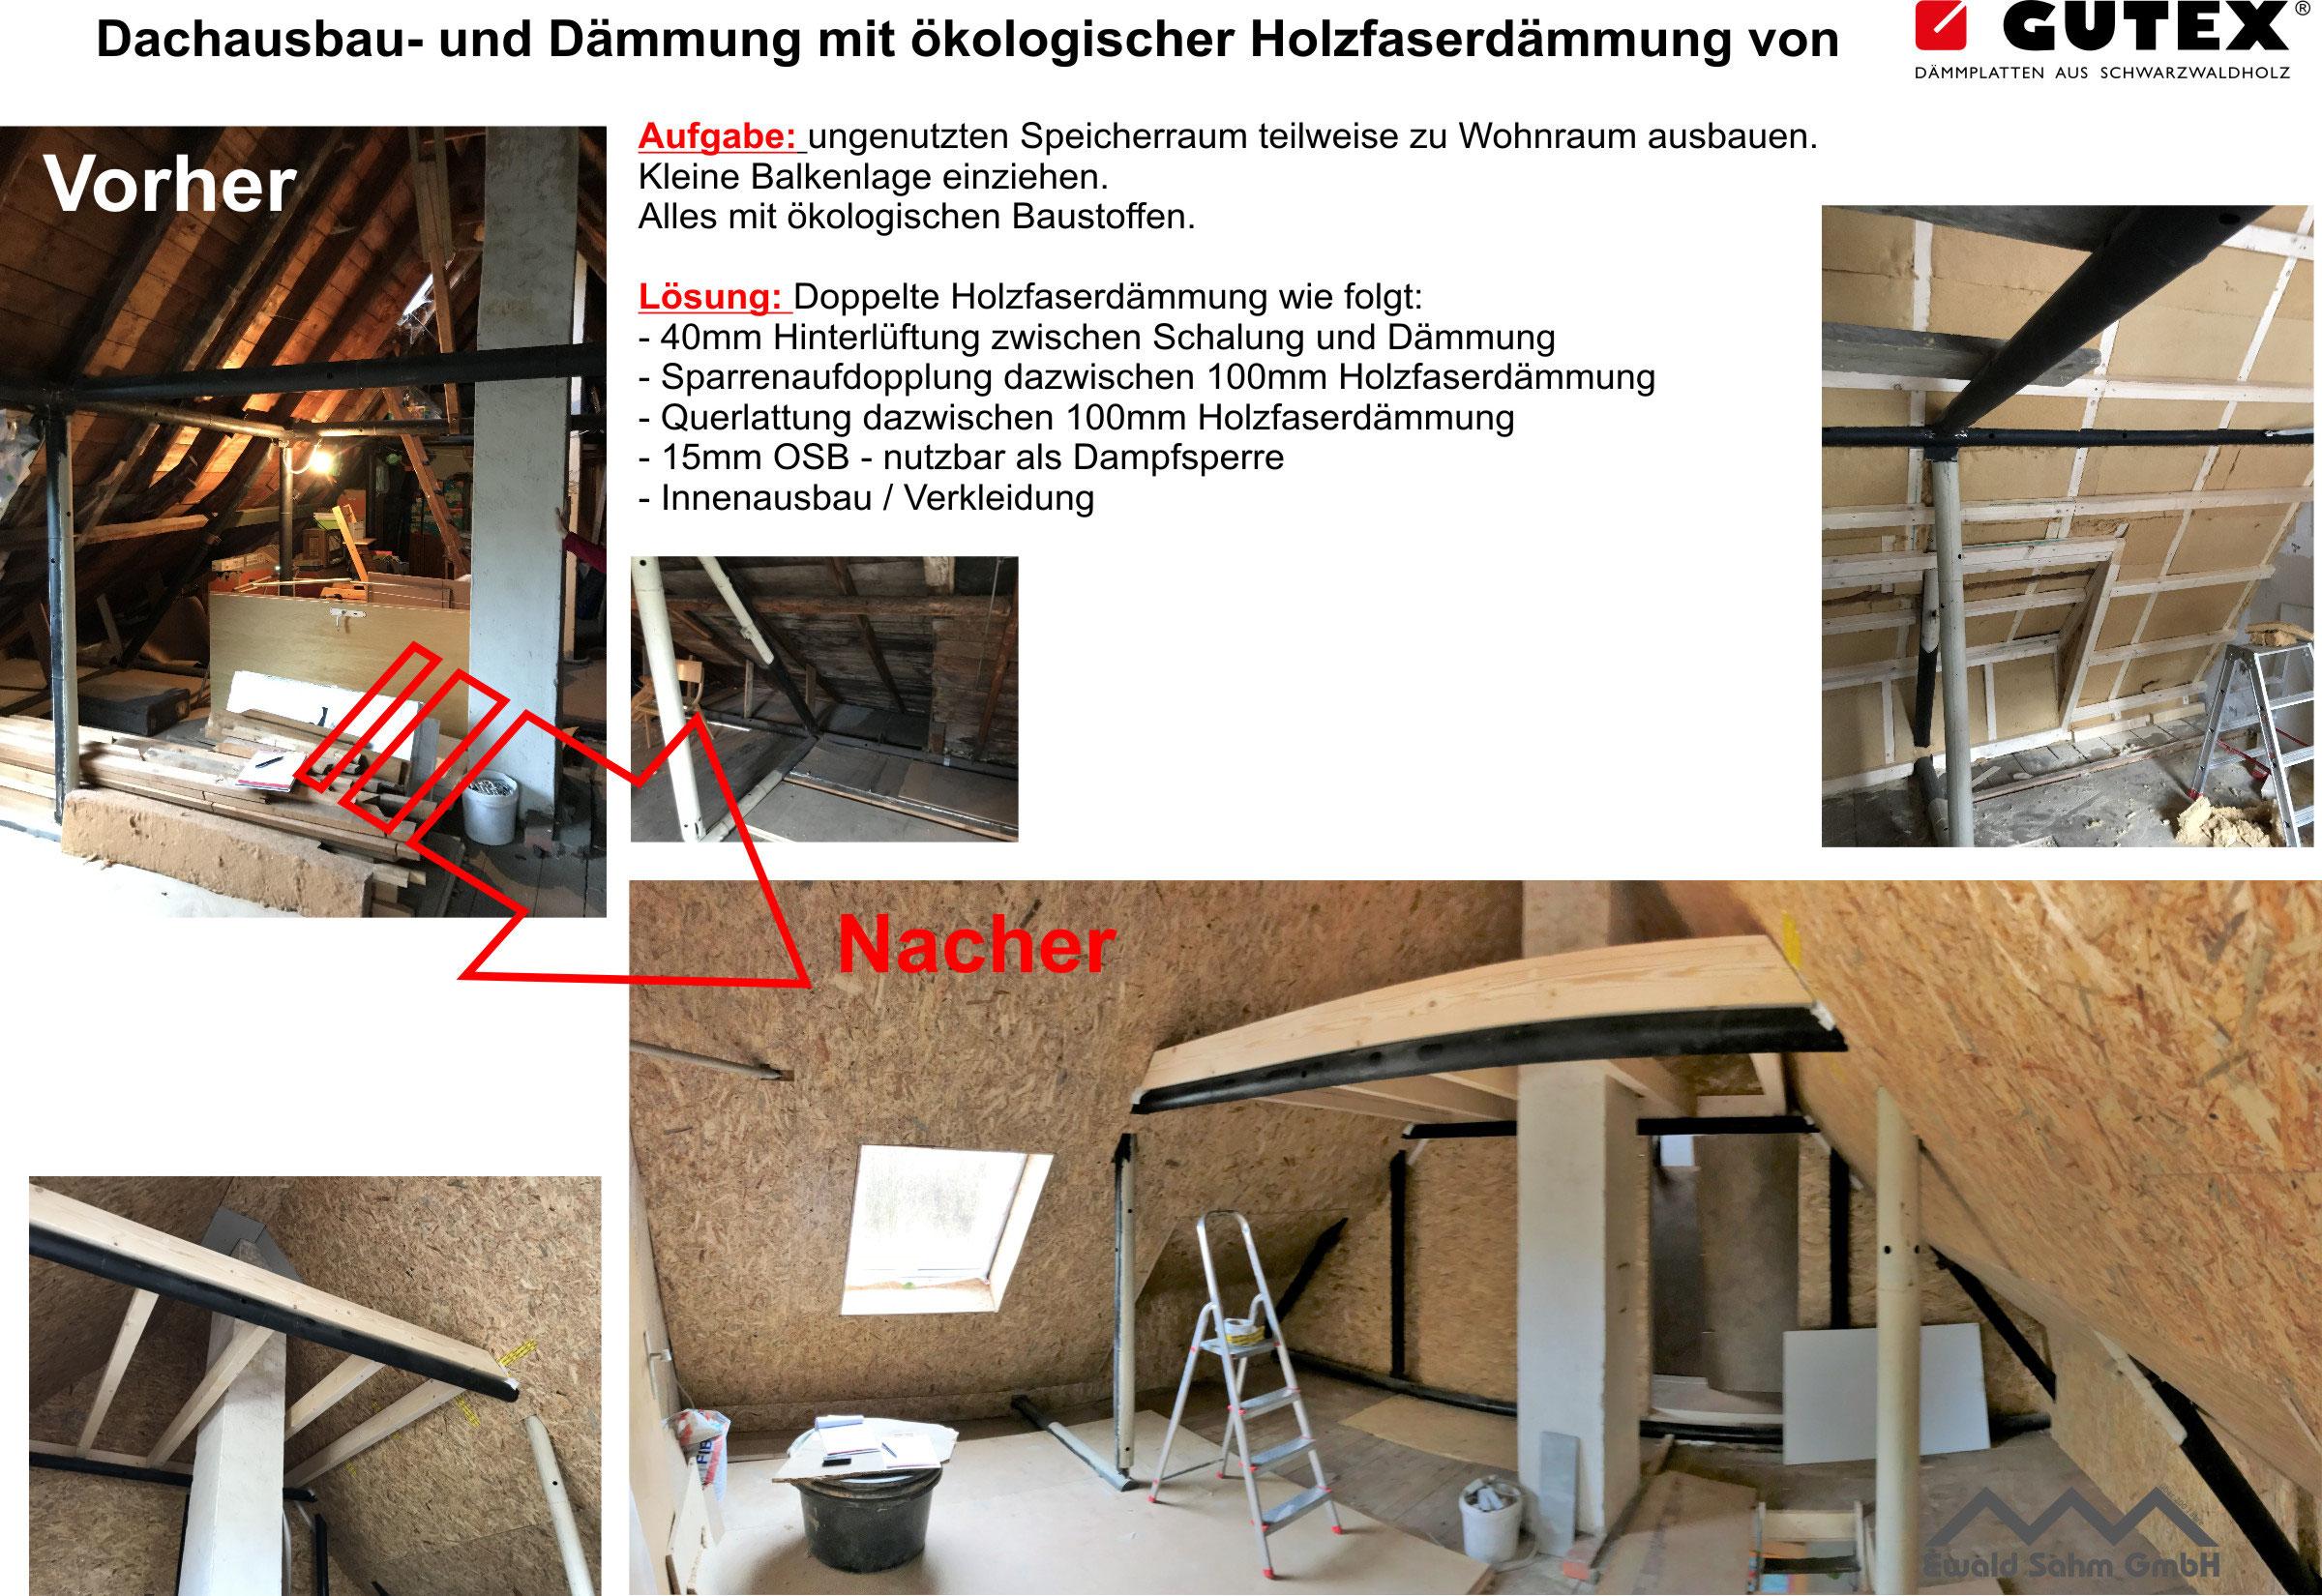 dachausbau mit holzfaserdämmung. wohnraum nutzen - dach ausbauen